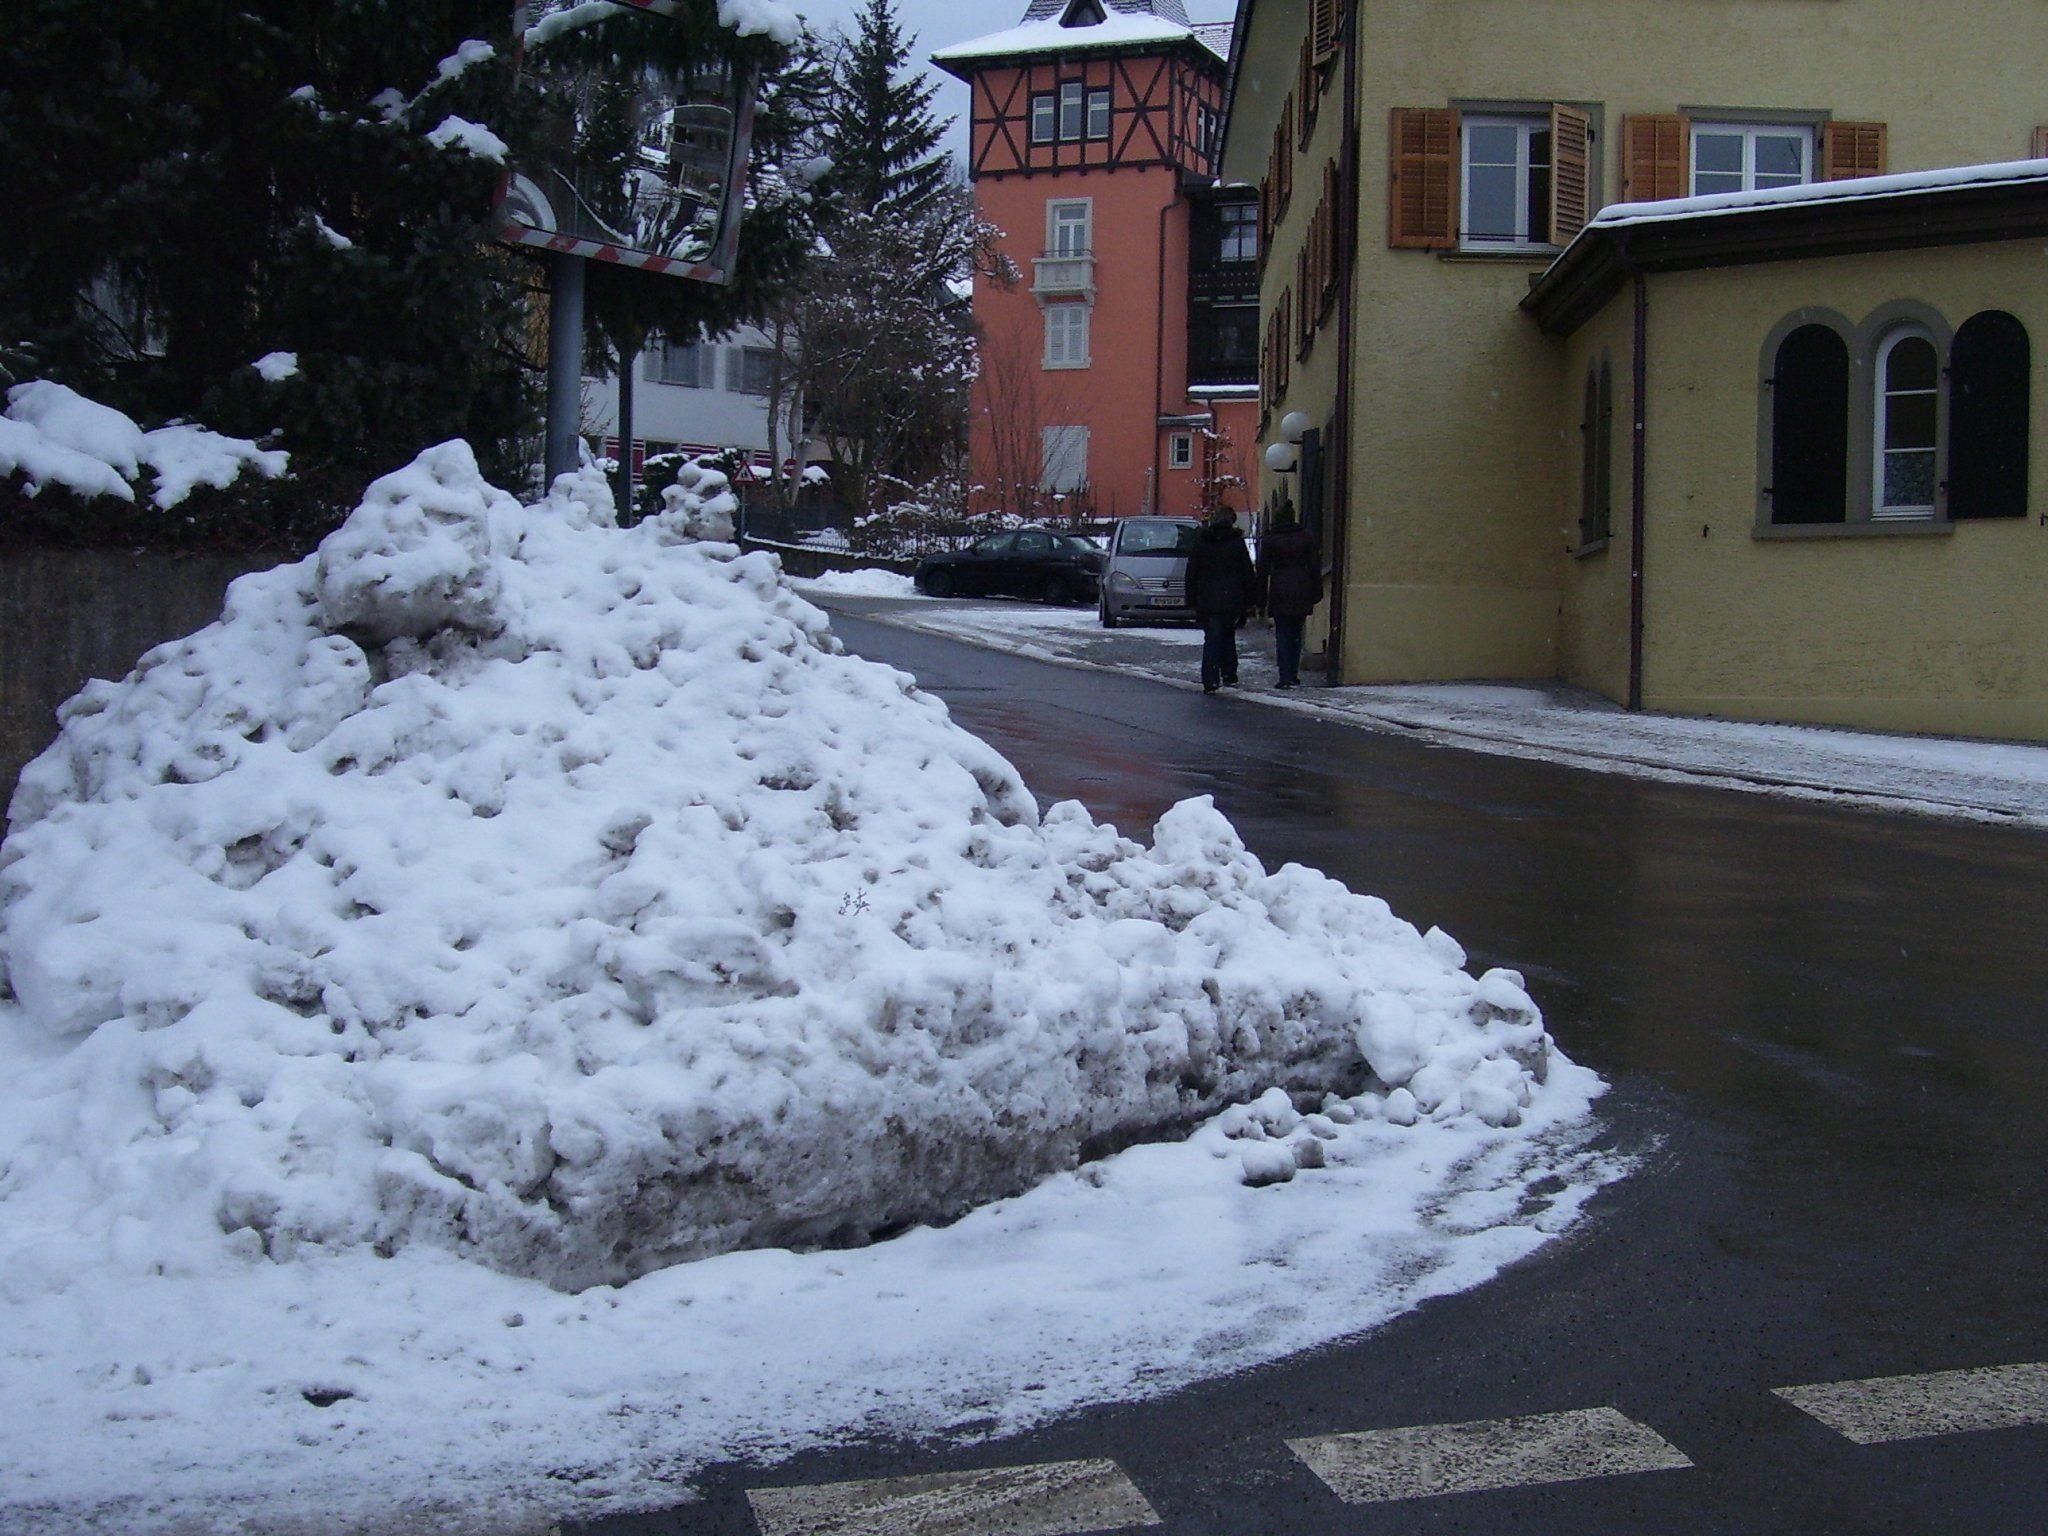 Ingeborg Mätzler bittet im Bürgerforum, künftig den Schnee so zu räumen, dass keine Gefahr besteht.